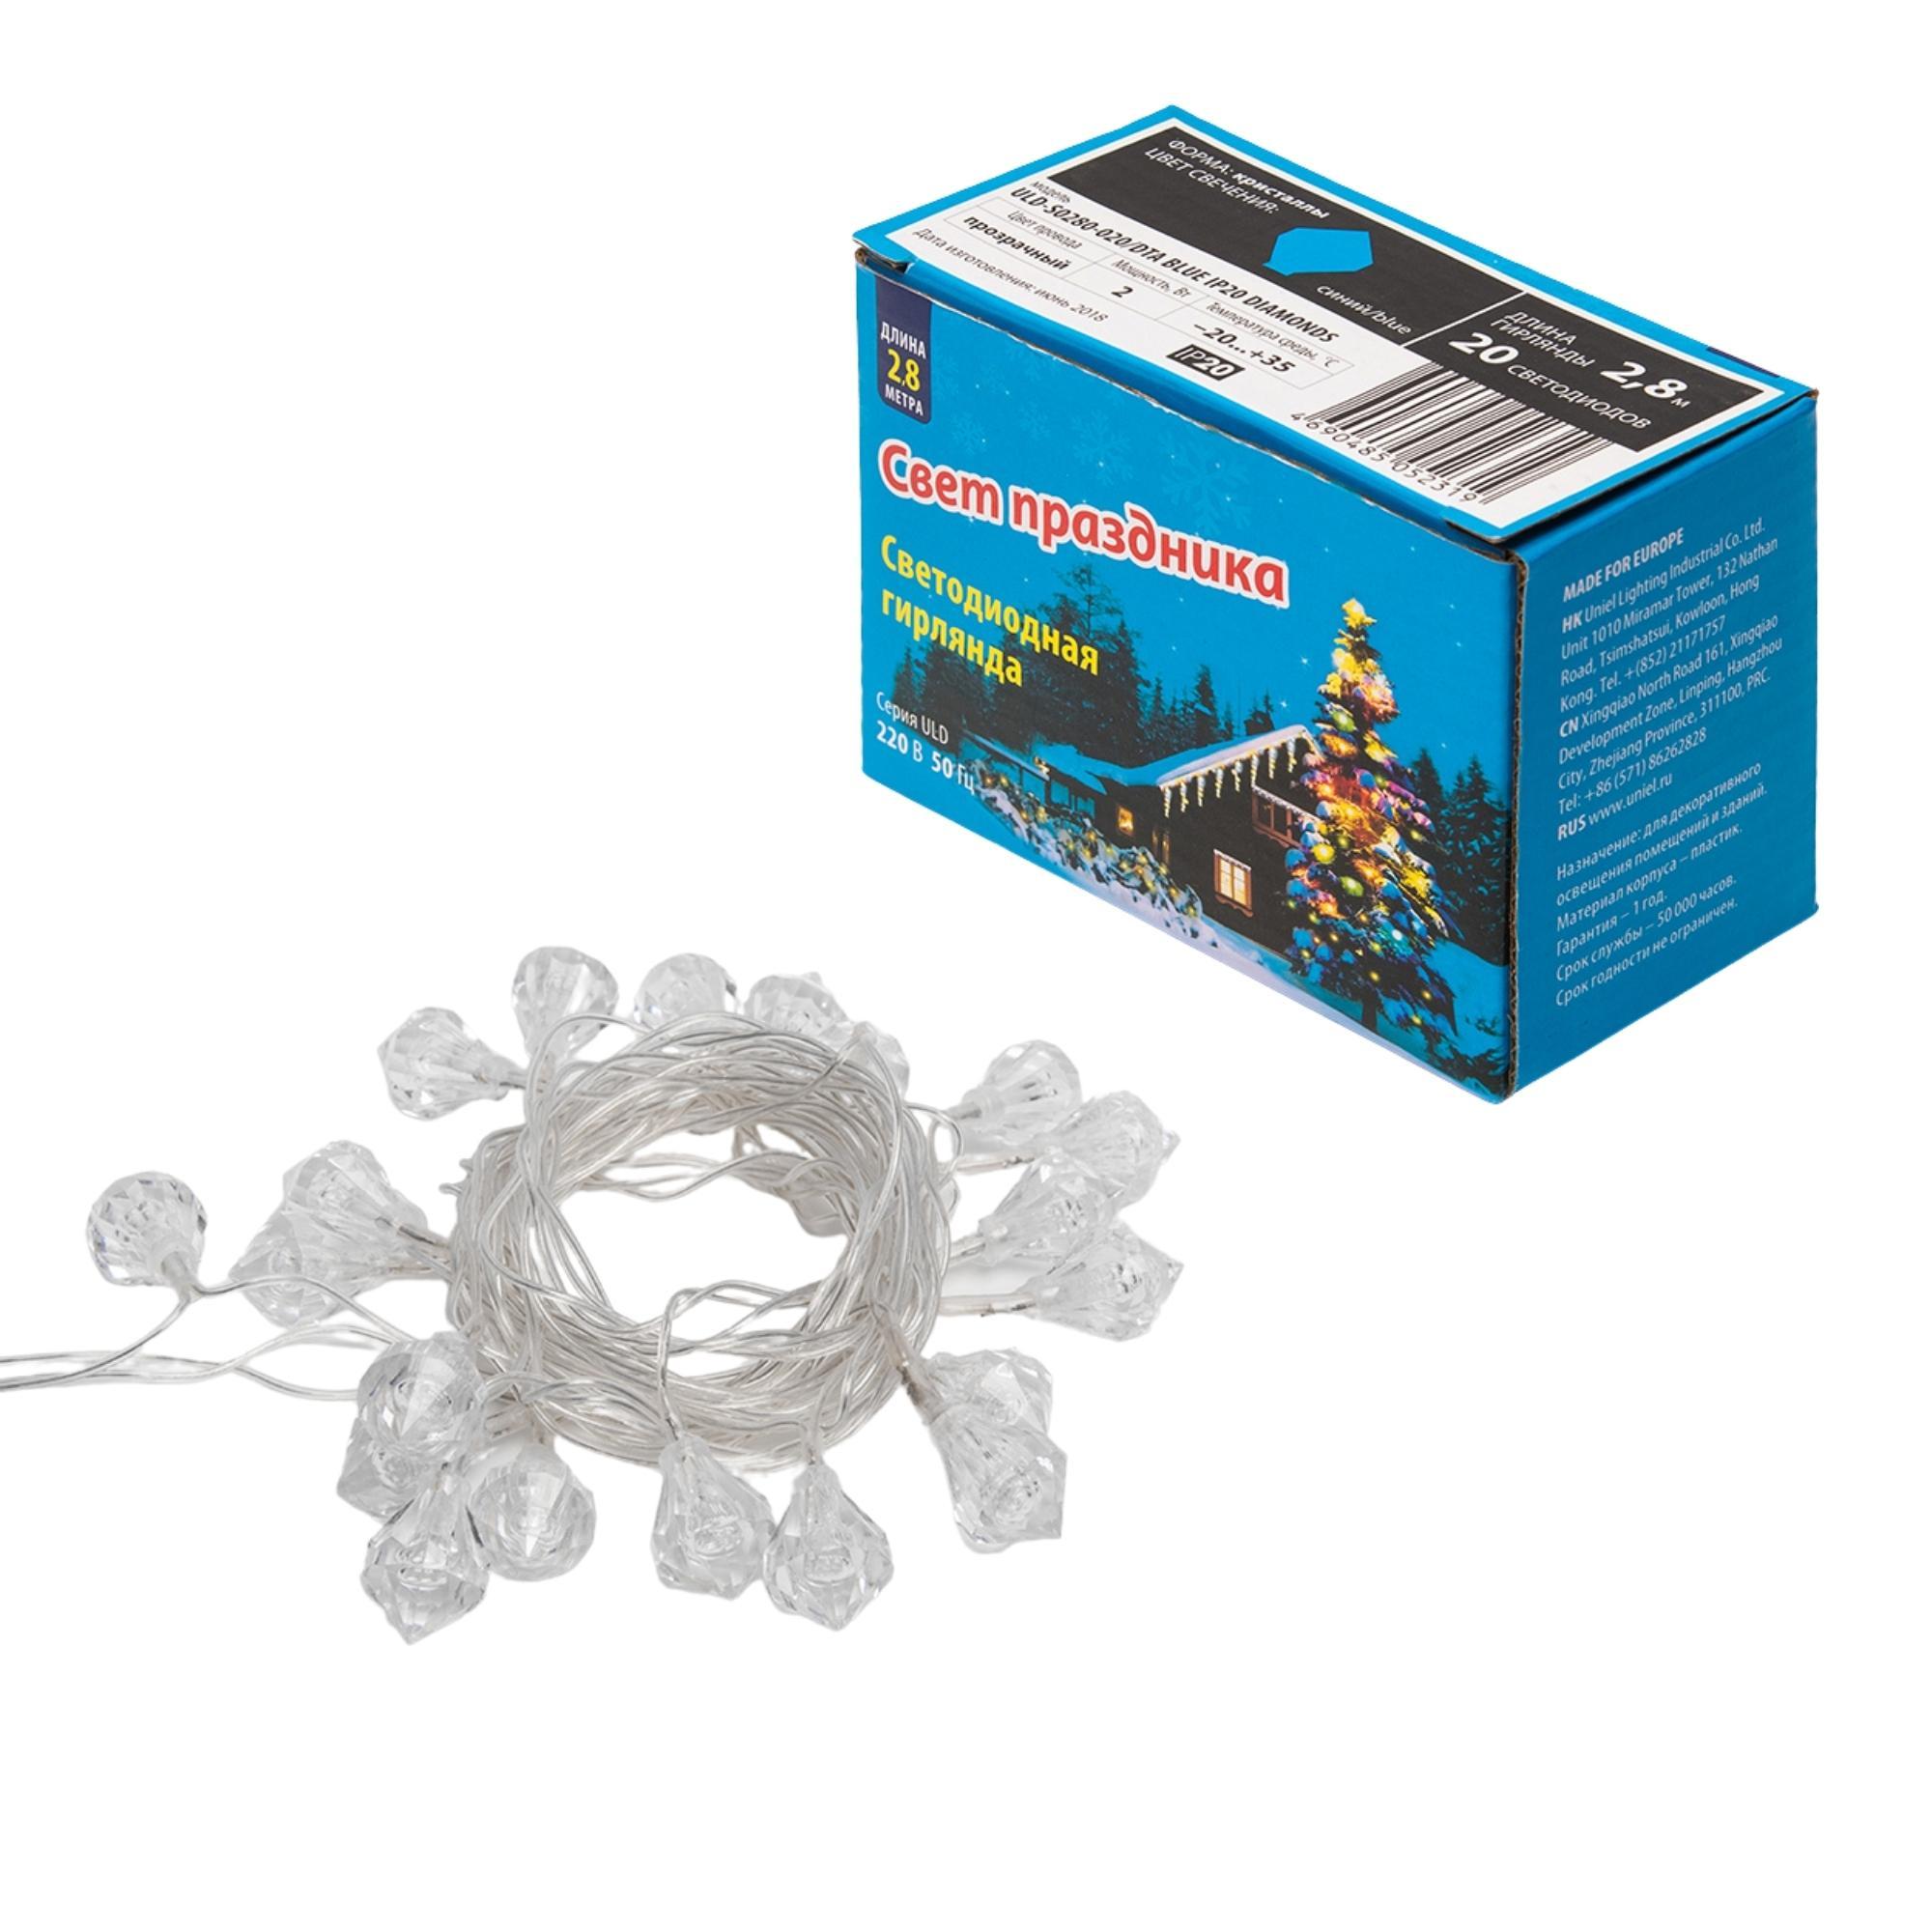 Гирлянда светодиодная ULD-S0280-020/DTA Брильянты с контроллером, 20 светодиодов, 2,8 м, синяя, IP20, провод прозрачный.